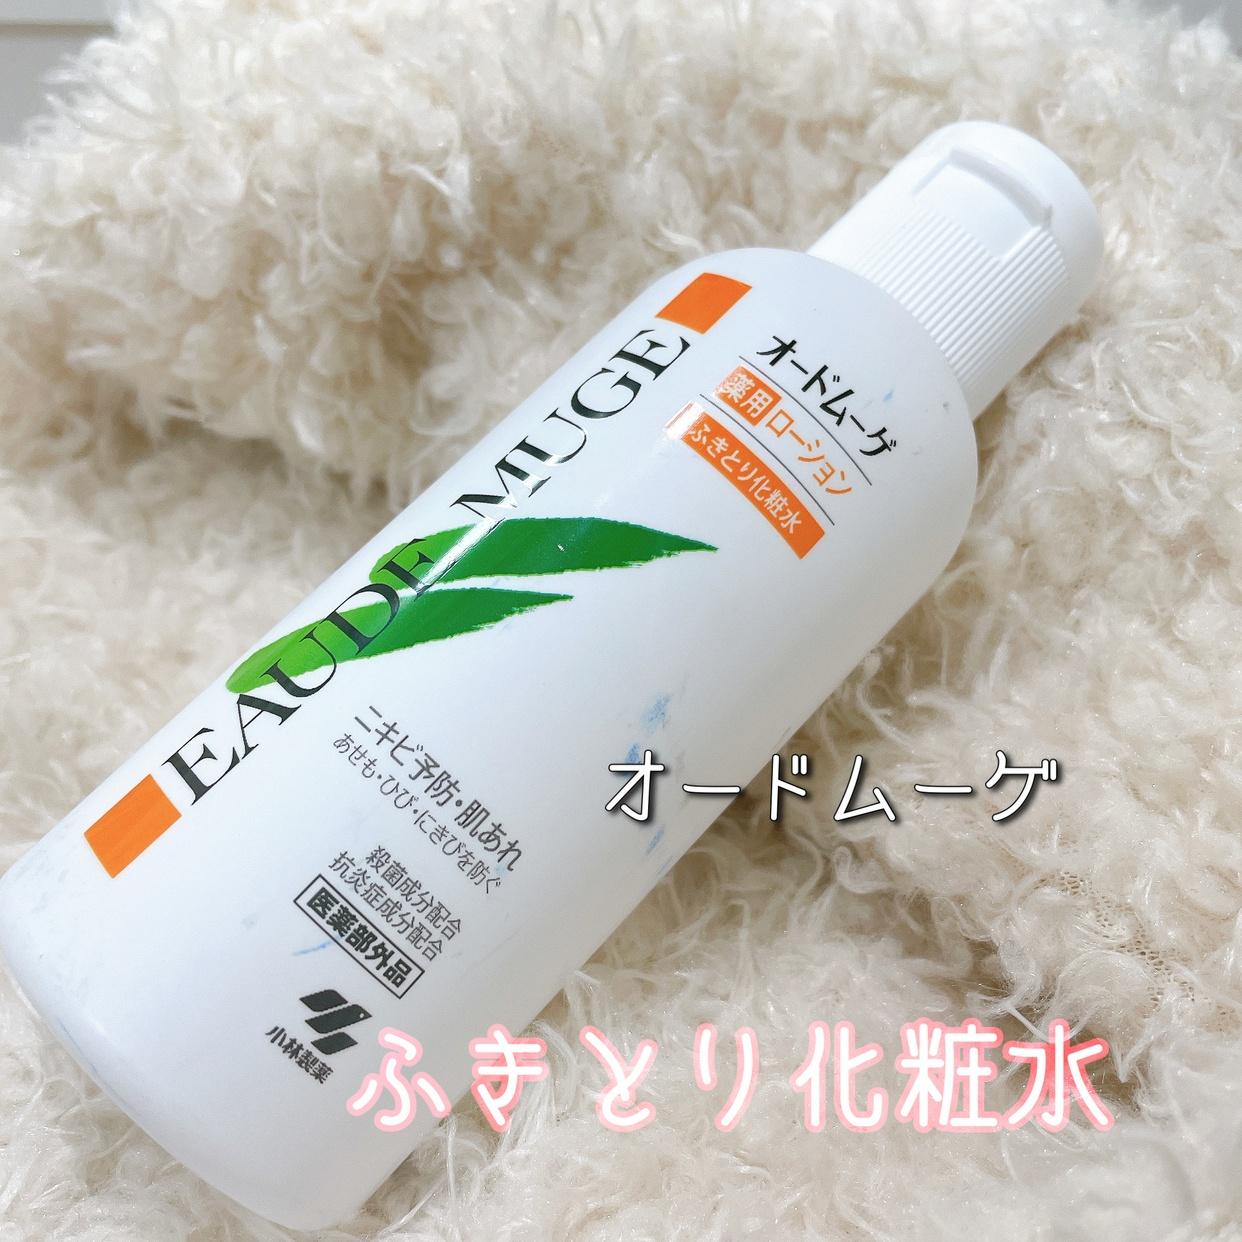 EAUDE MUGE(オードムーゲ)薬用ローション (ふきとり化粧水)を使ったゆっちんさんのクチコミ画像1